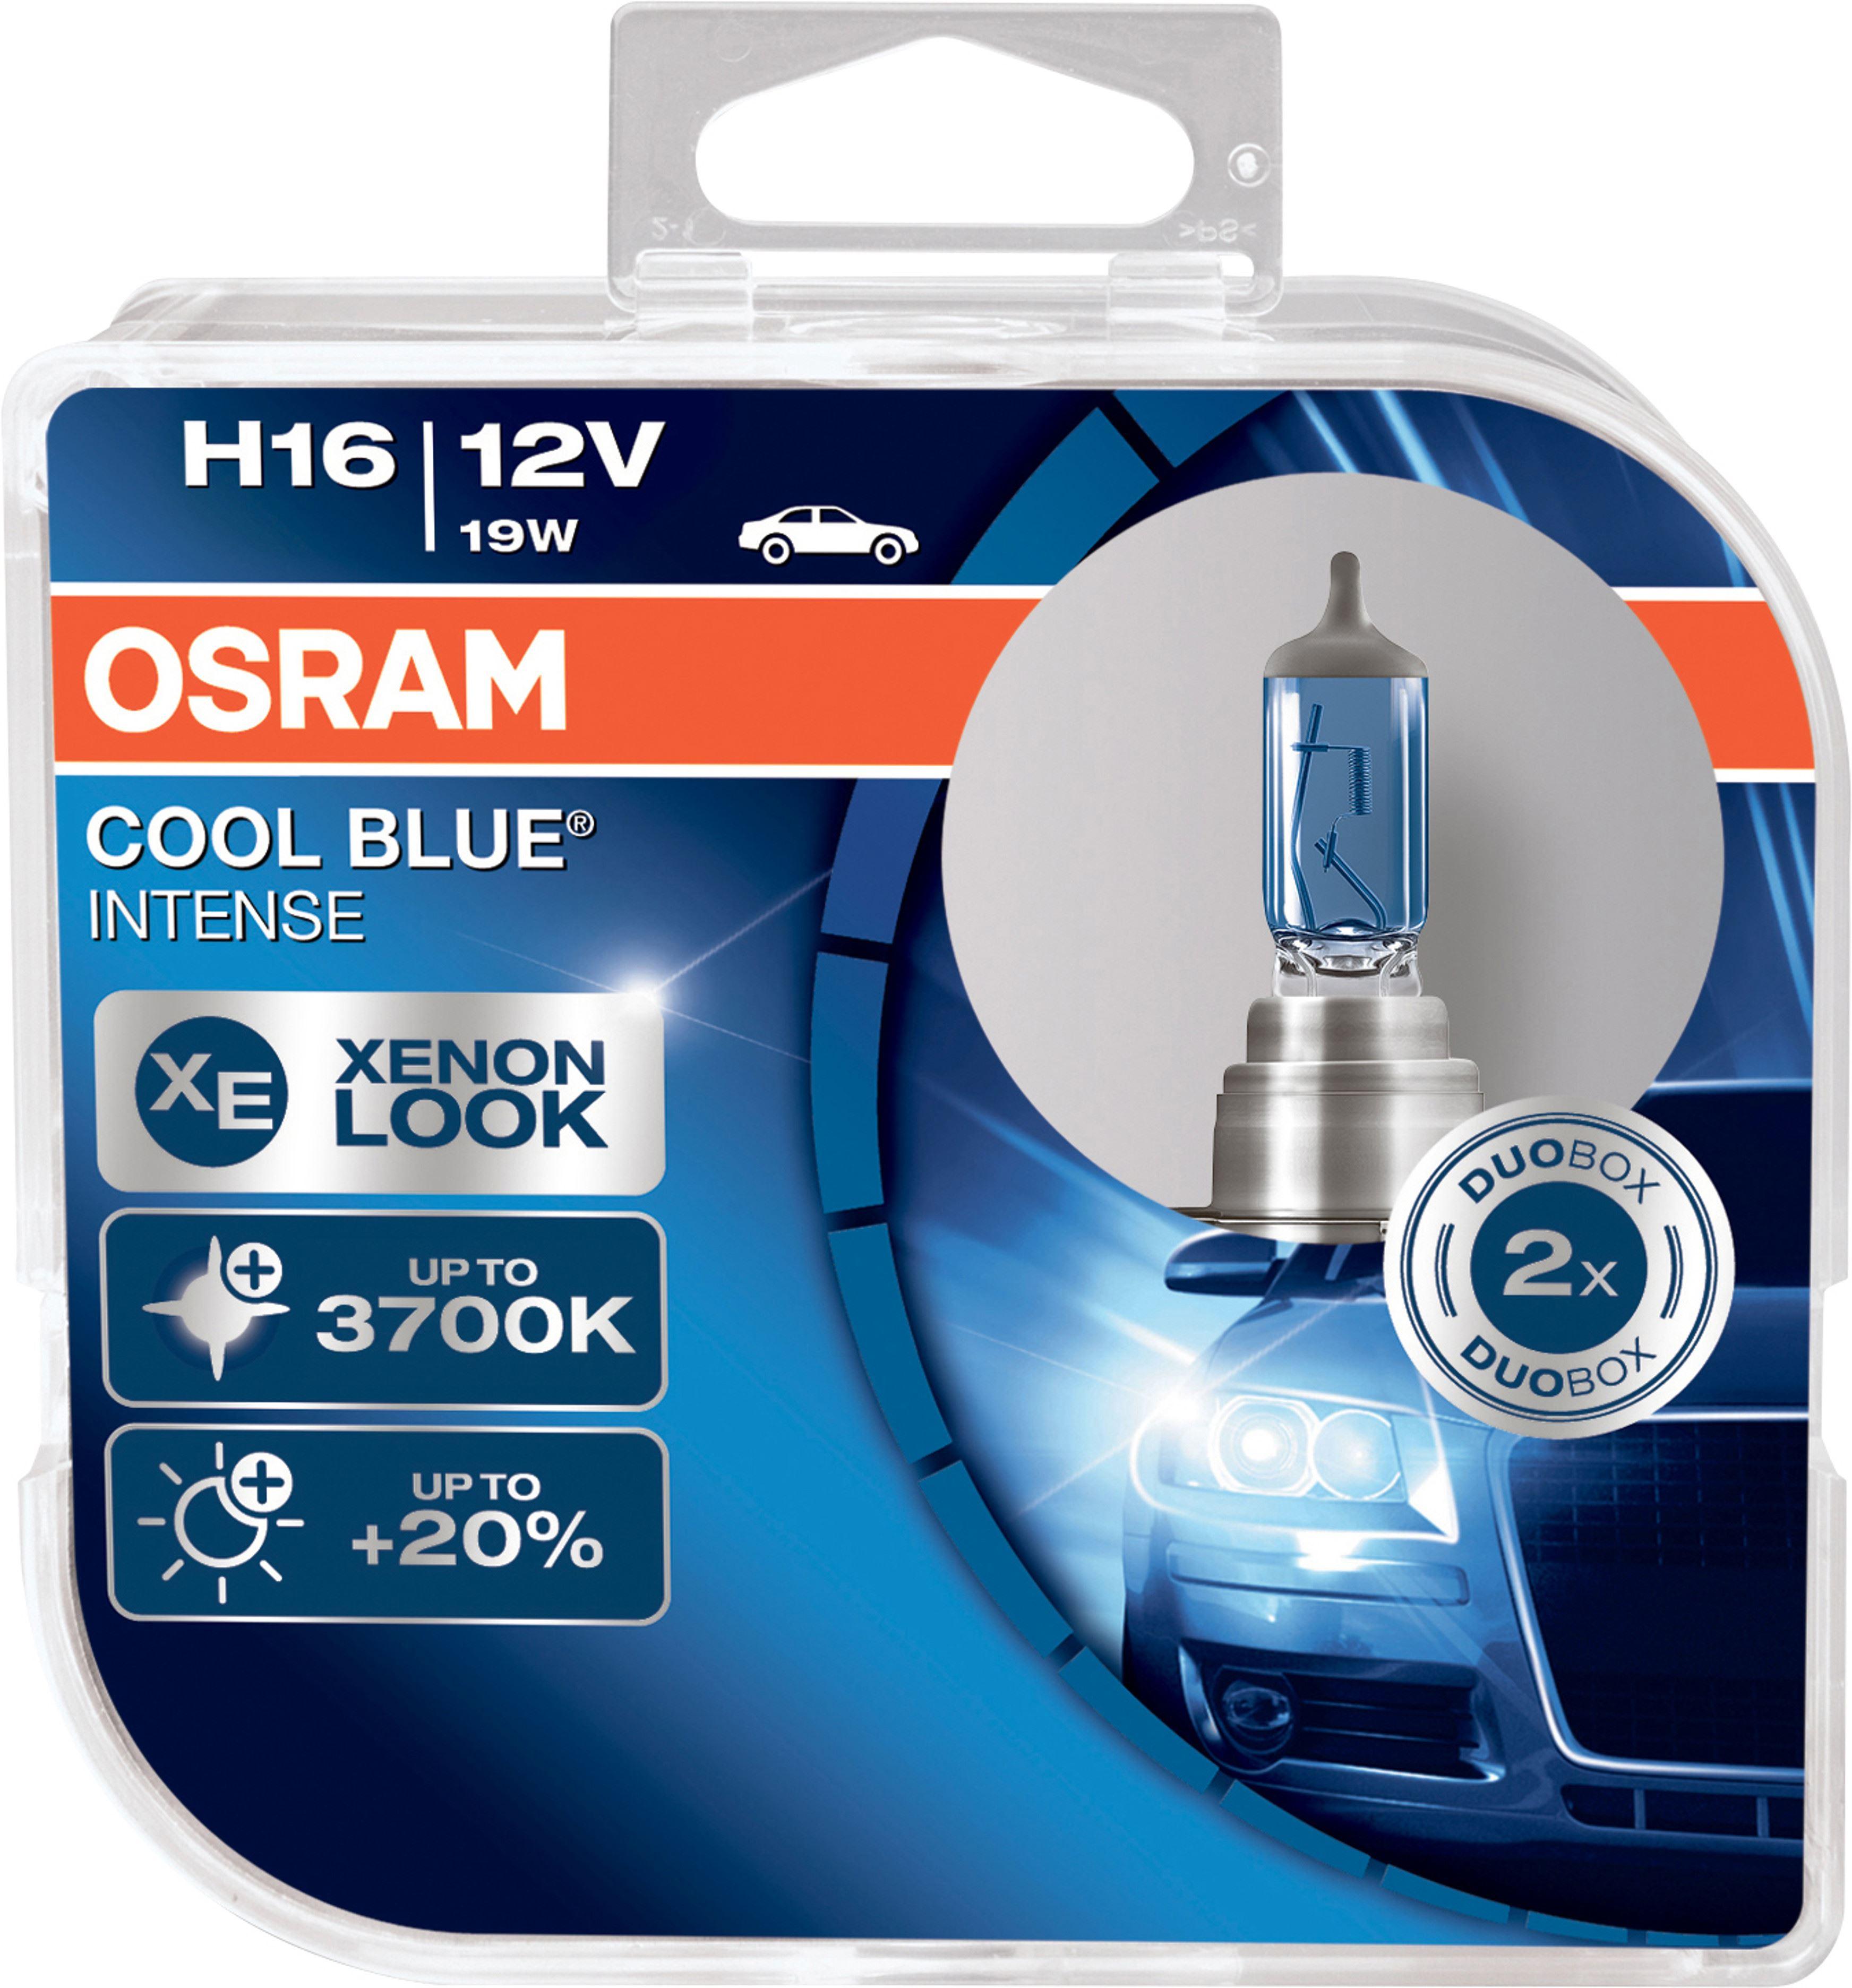 OSRAM autožárovka H16 COOL BLUE INTENSE 12V 19W PGJ19-3 (Duo-Box)